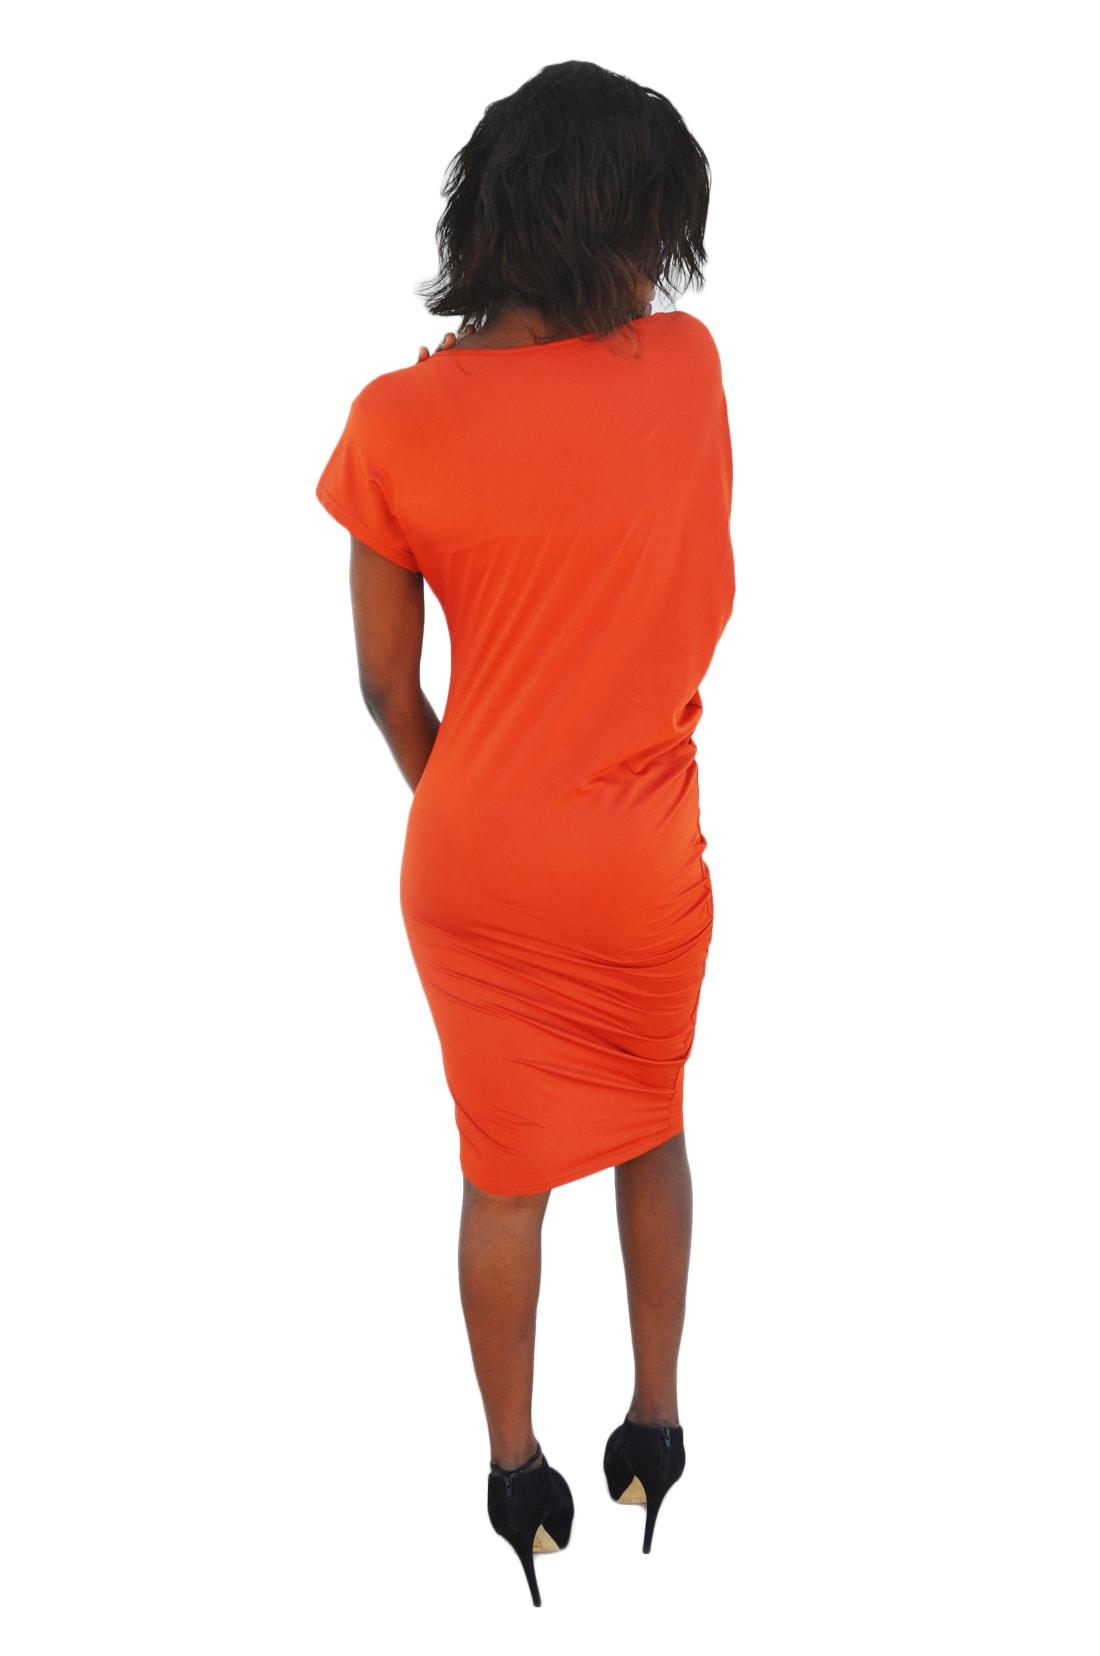 M0193 orange3 Party Dresses maureens.com boutique